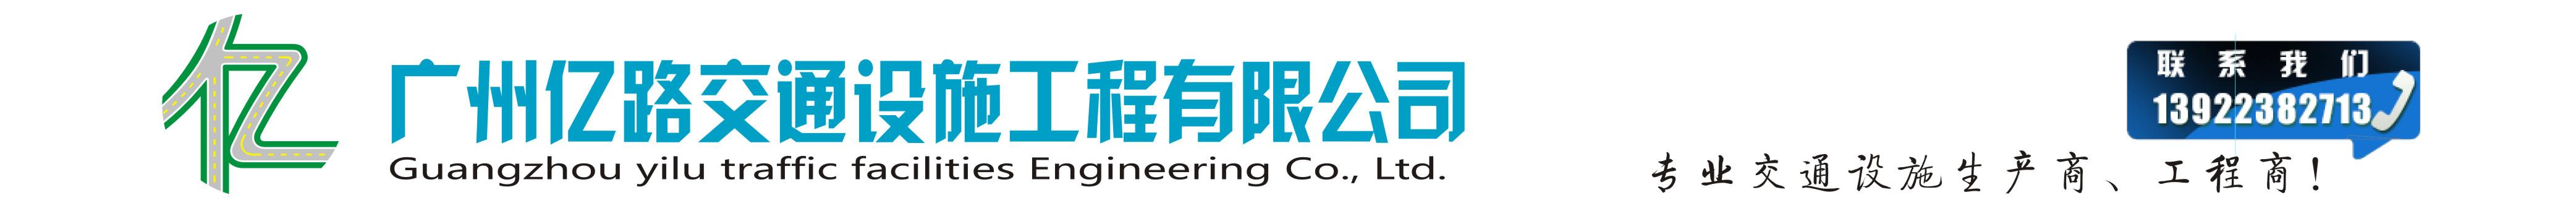 廣州億路交通設施工程有限公司